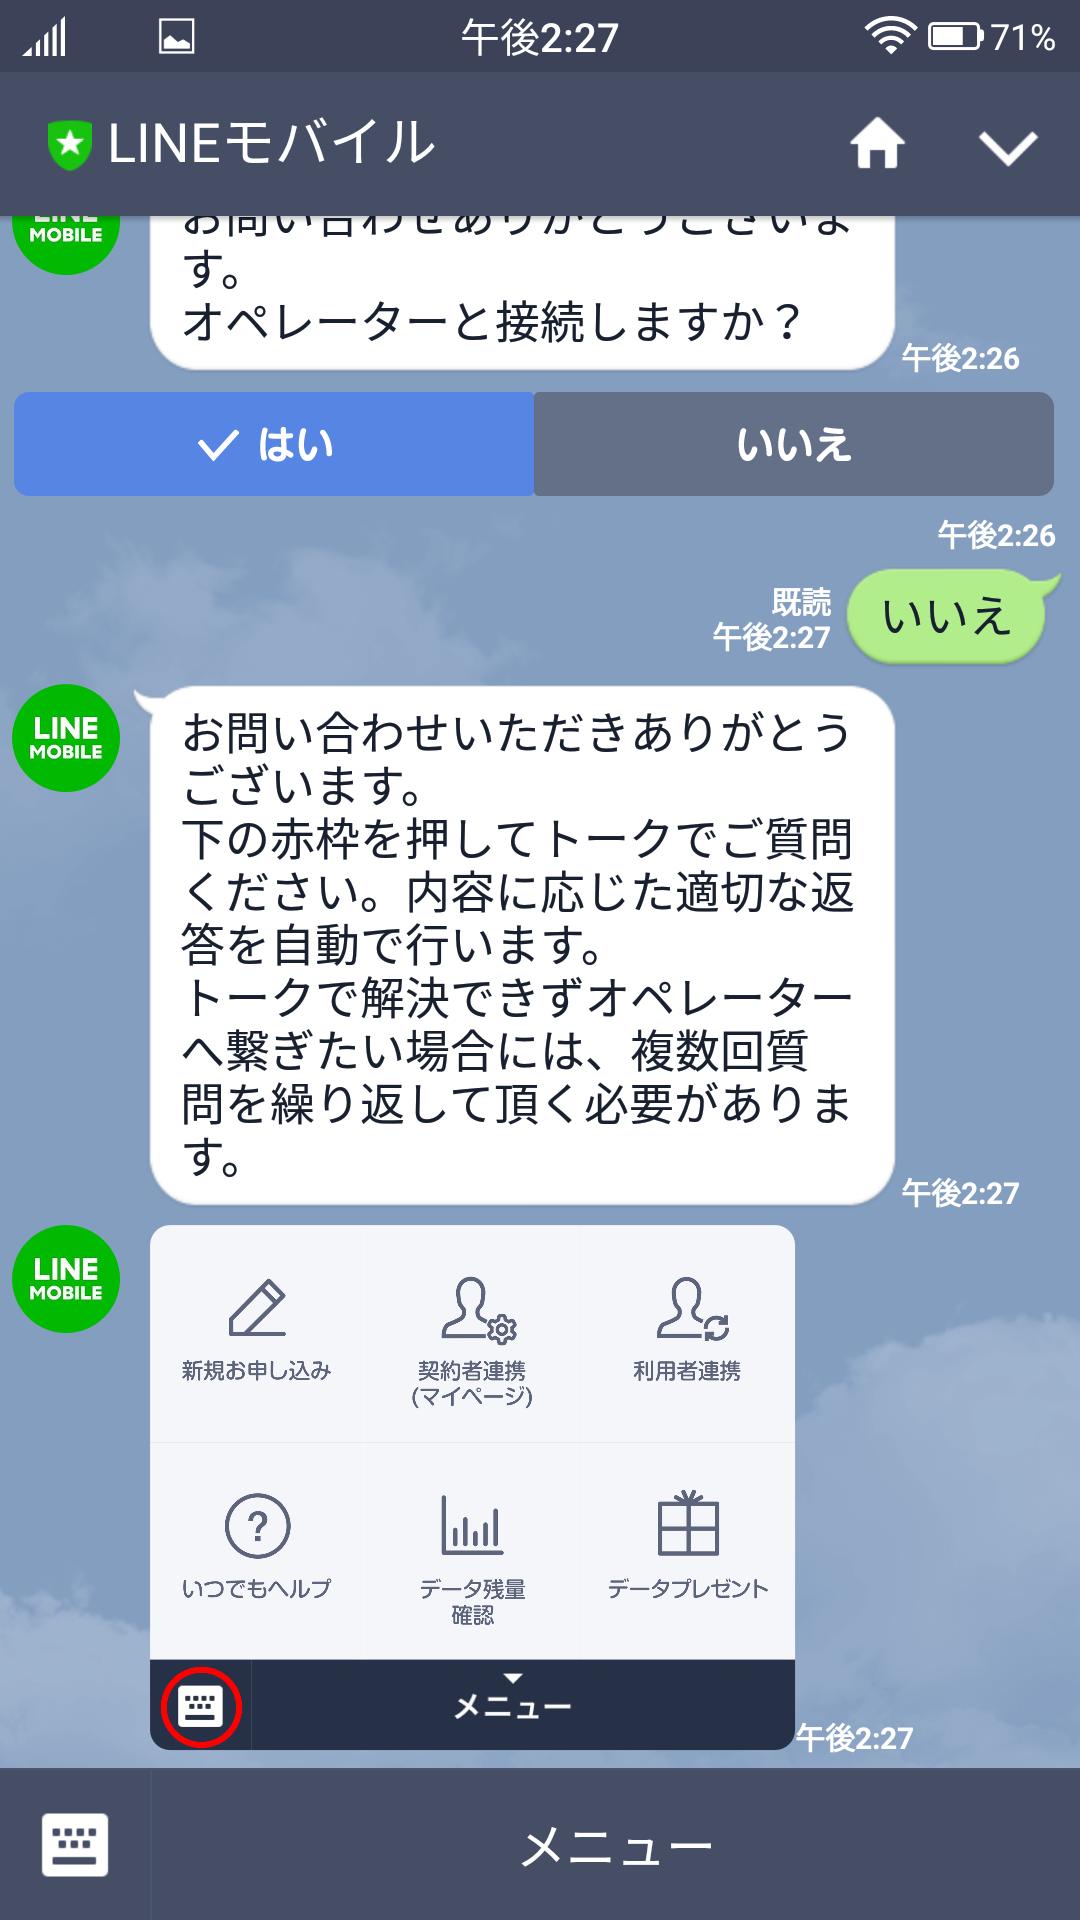 LINEモバイル:LINEアカウントでサポートを受ける。その4